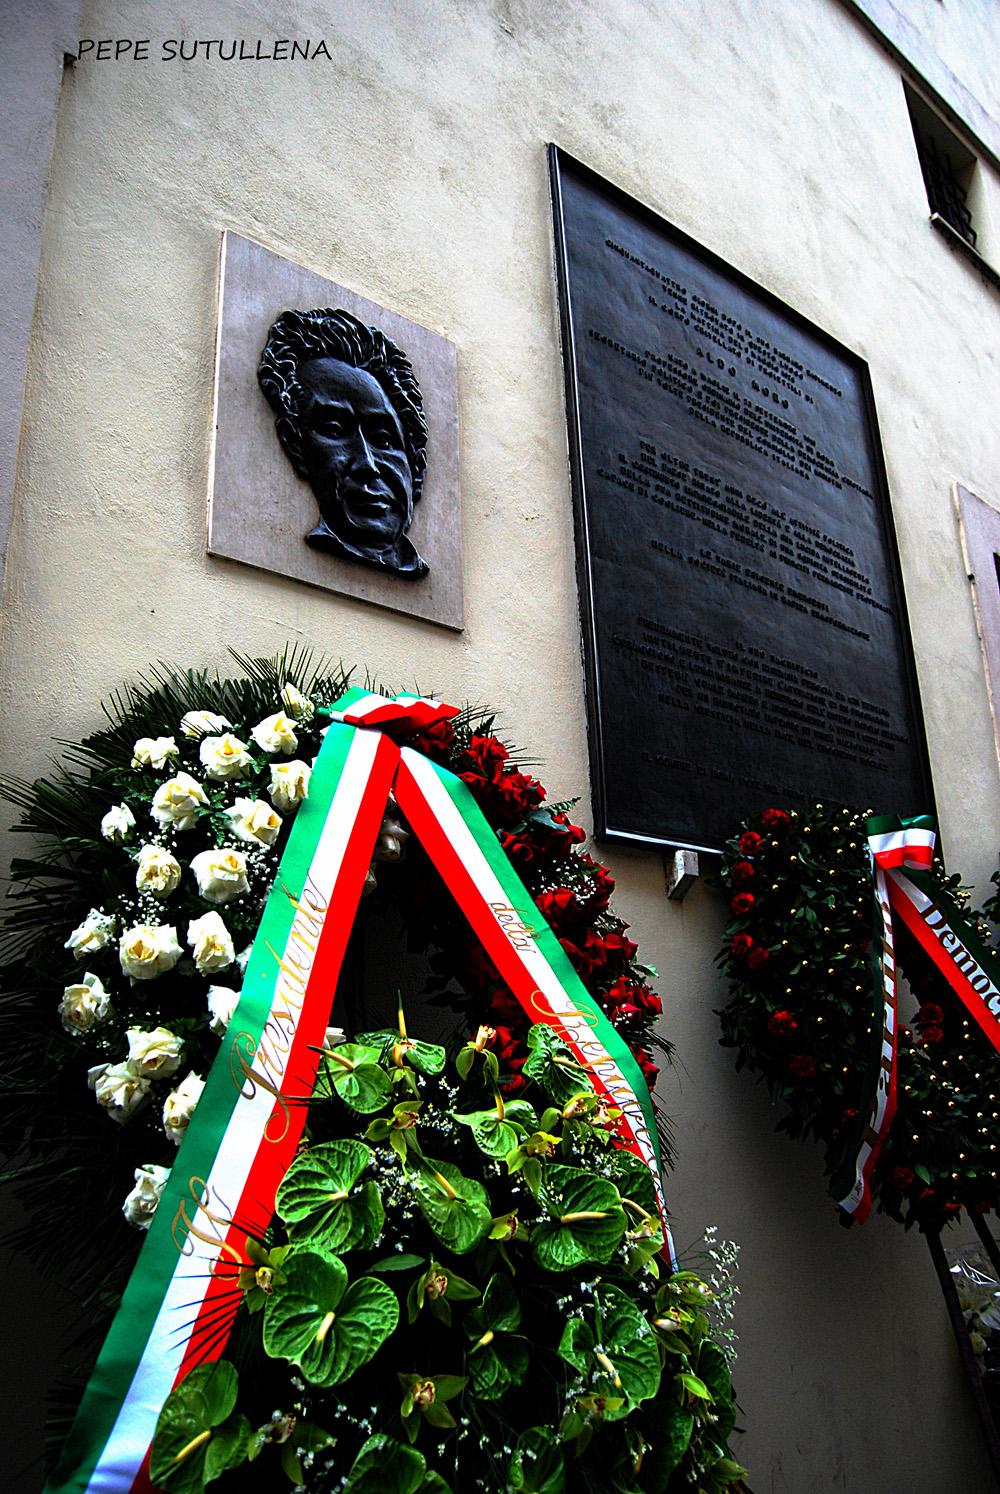 Memoria y recuerdo de Aldo Moro, en via Caetani